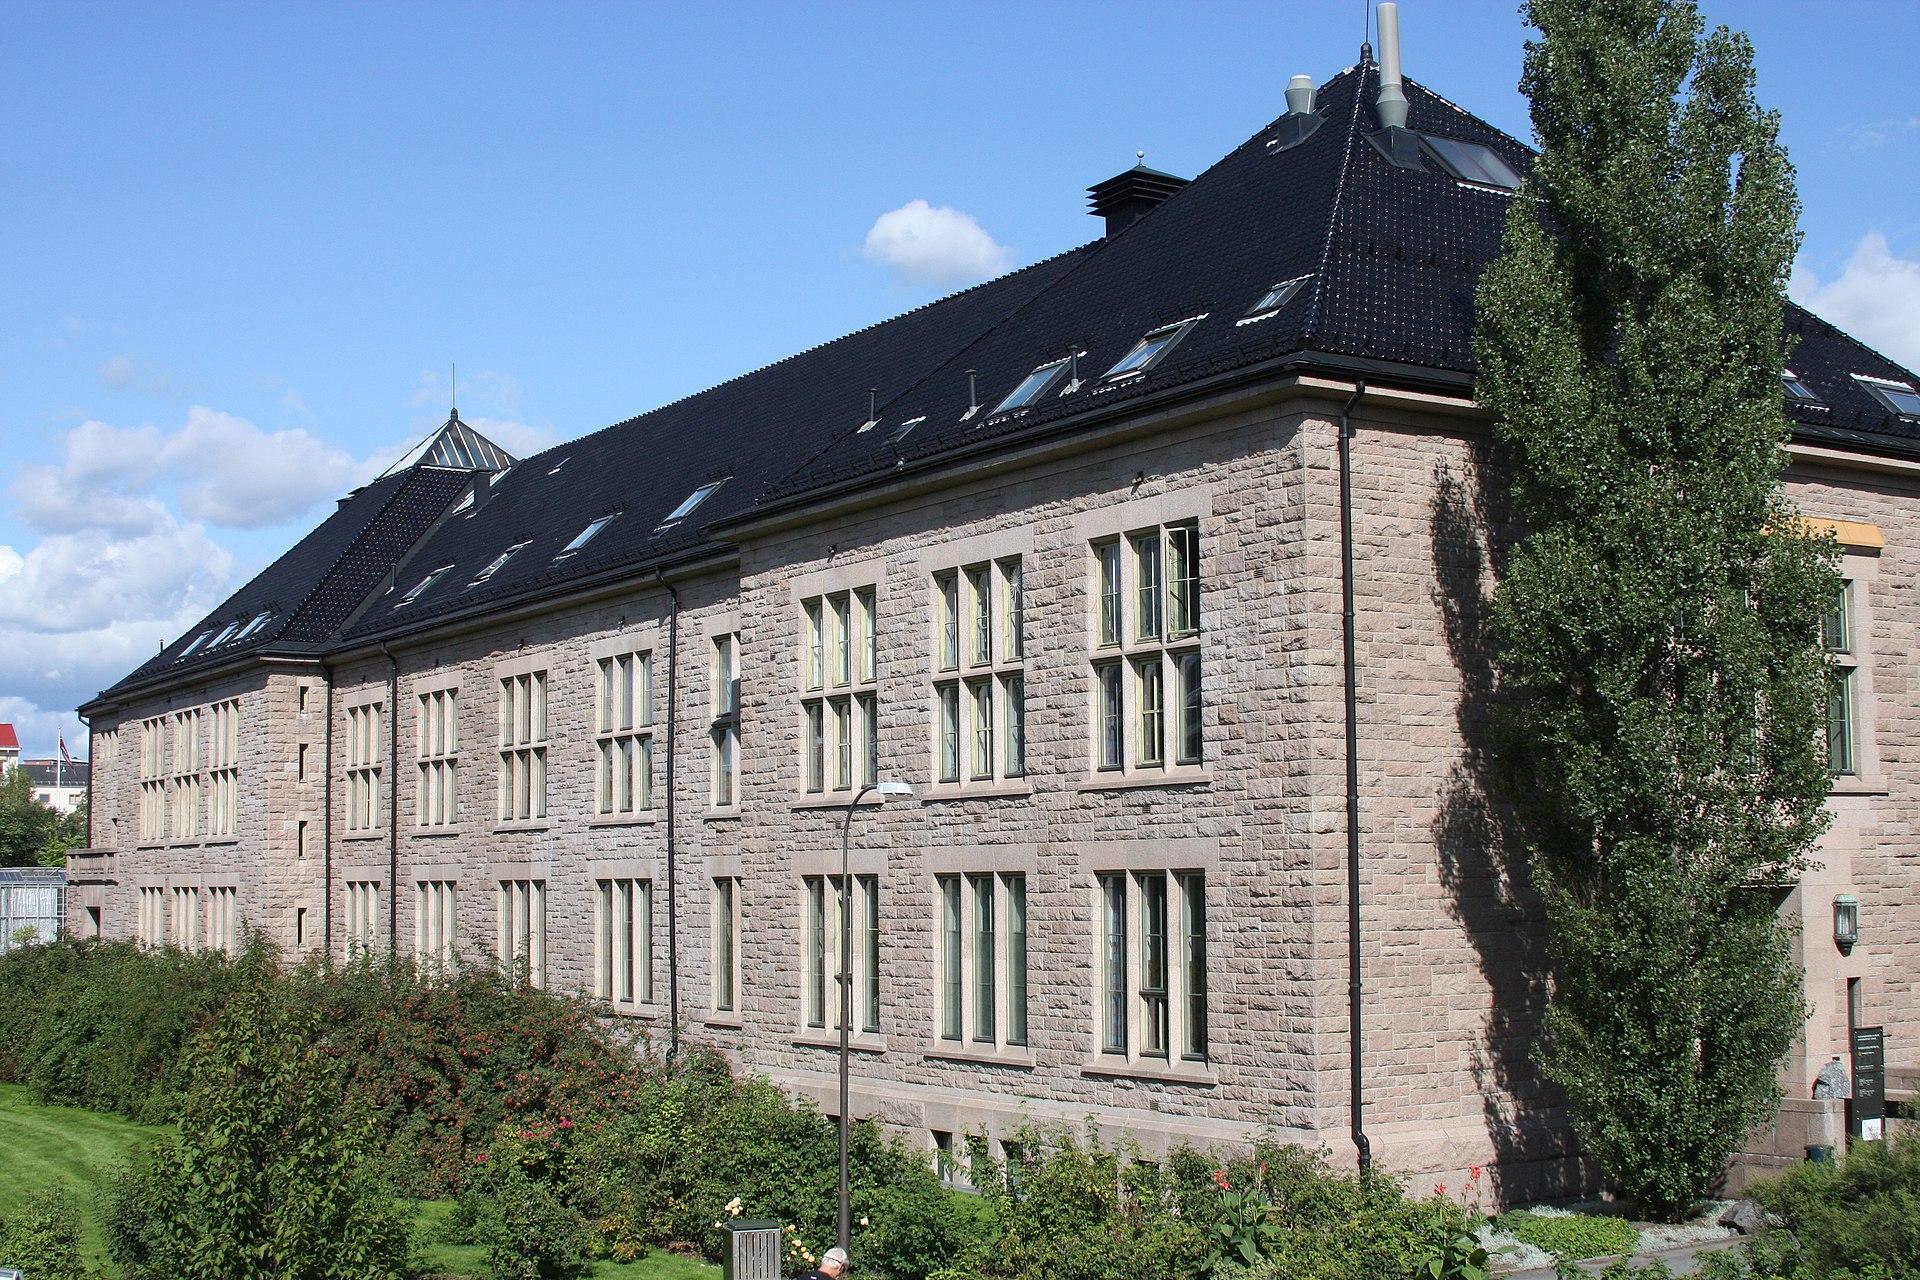 geologisk museum København pornostjerne navn